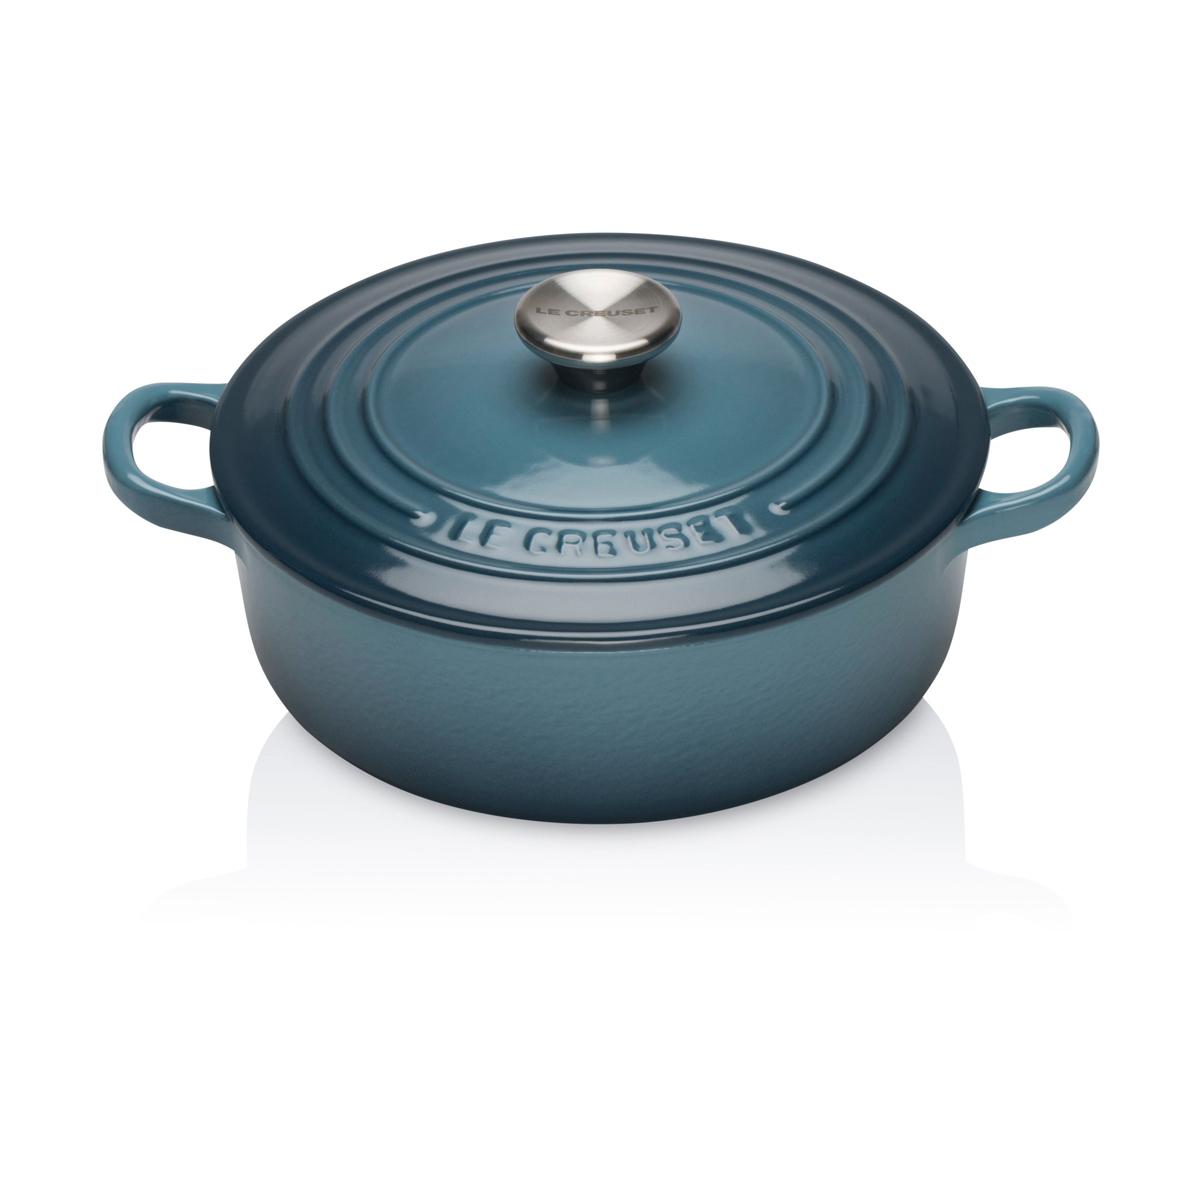 Le Creuset 22cm Cast Iron Risotto Pot: Marine Blue | Jarrold, Norwich